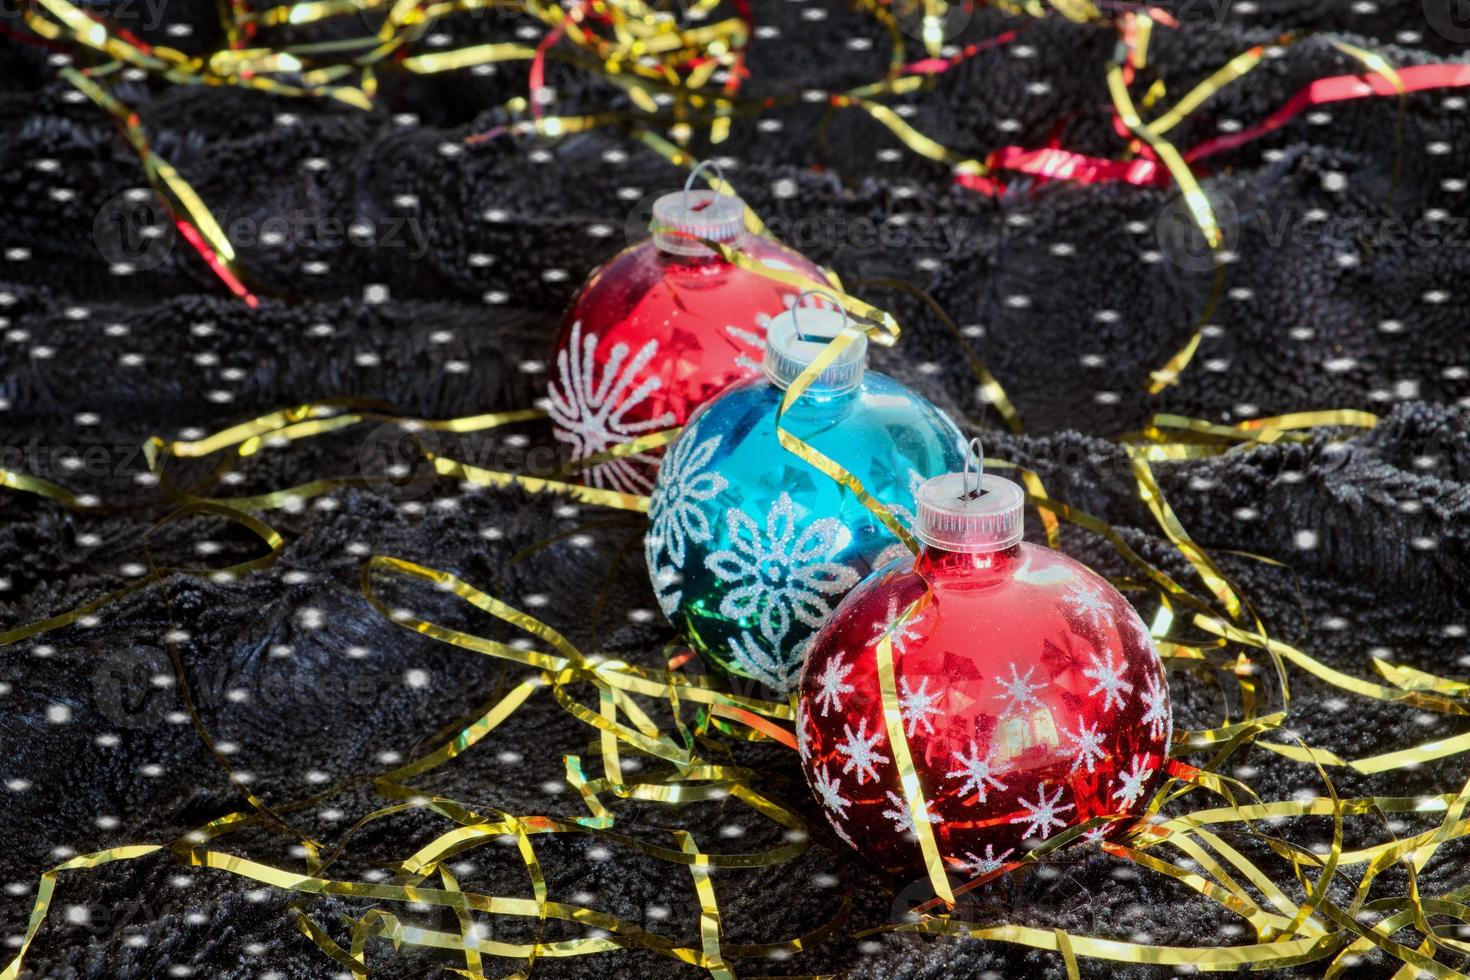 Weihnachtsdekoration mit Schneeflocken auf schwarzem Samt foto